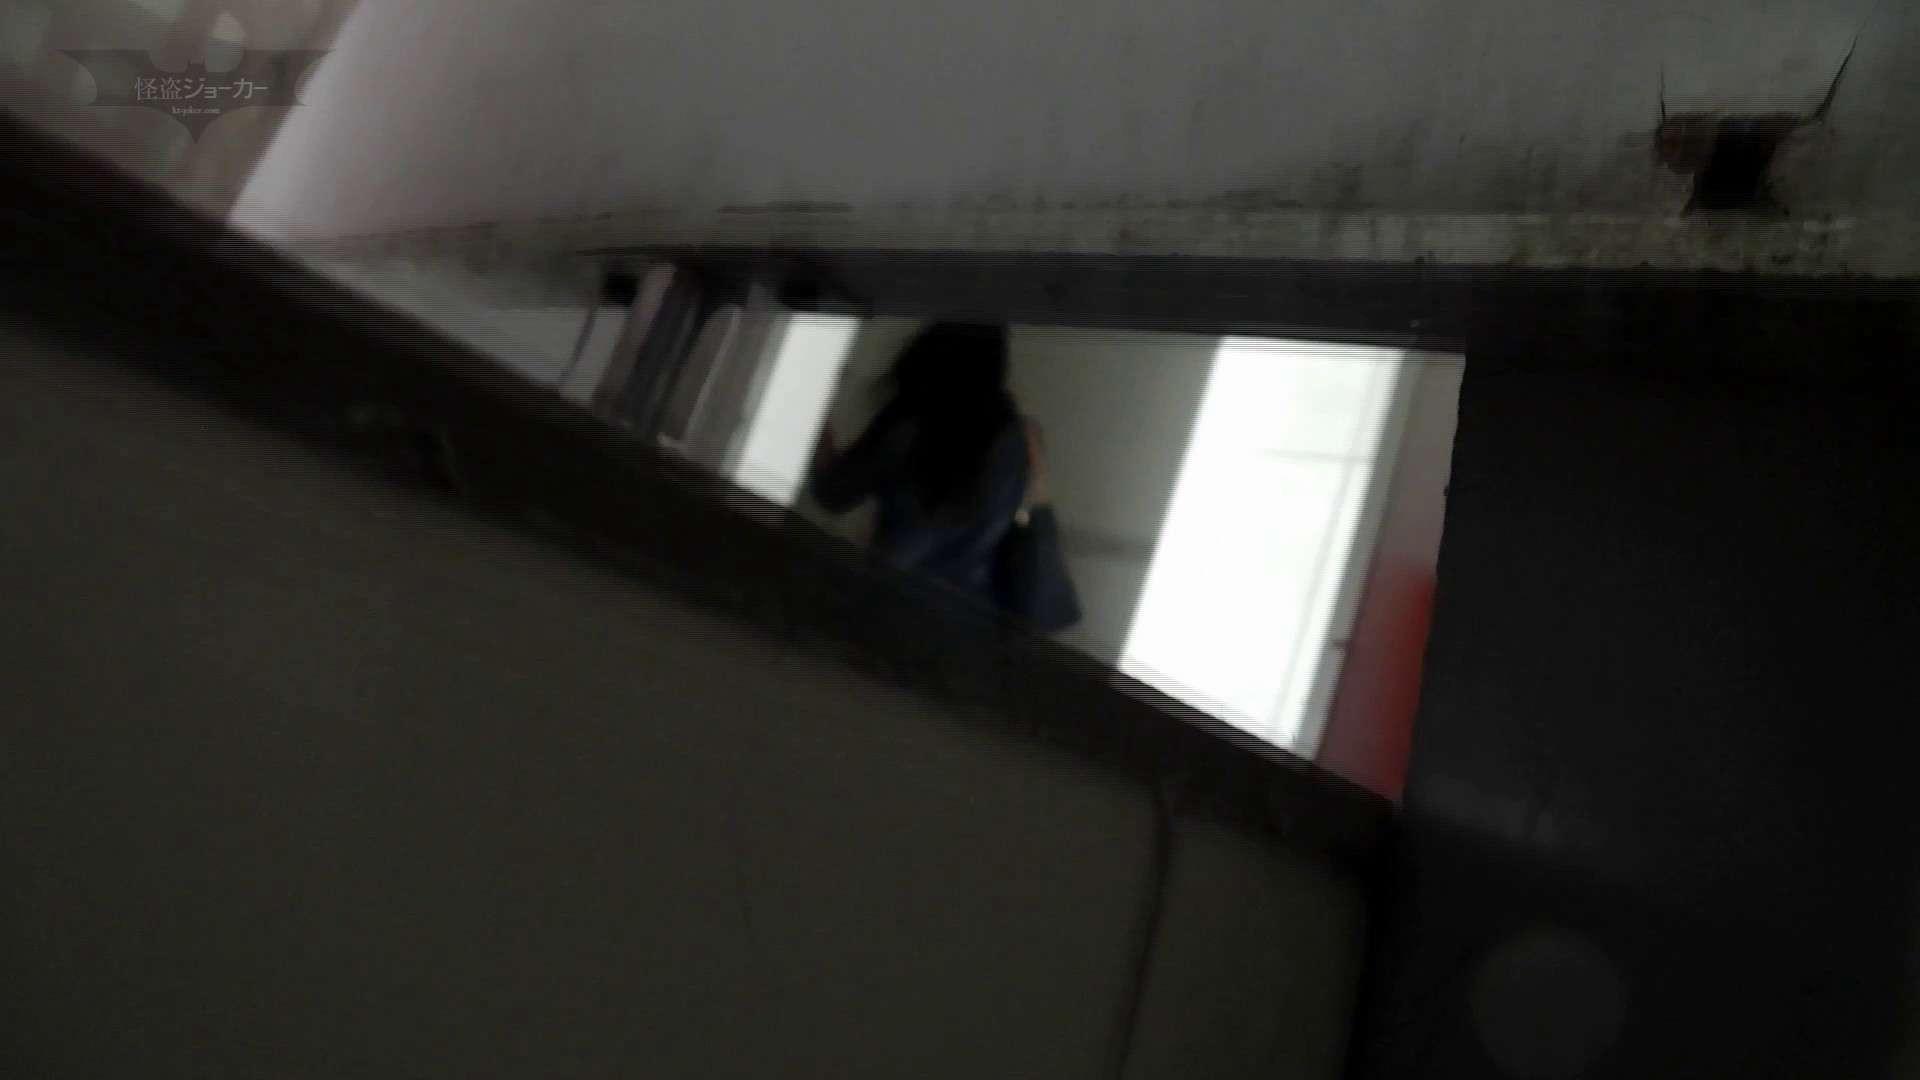 下からノゾム vol.030 びしょびしょの連続、お尻半分濡れるほど、 高画質 | 洗面所  84画像 70